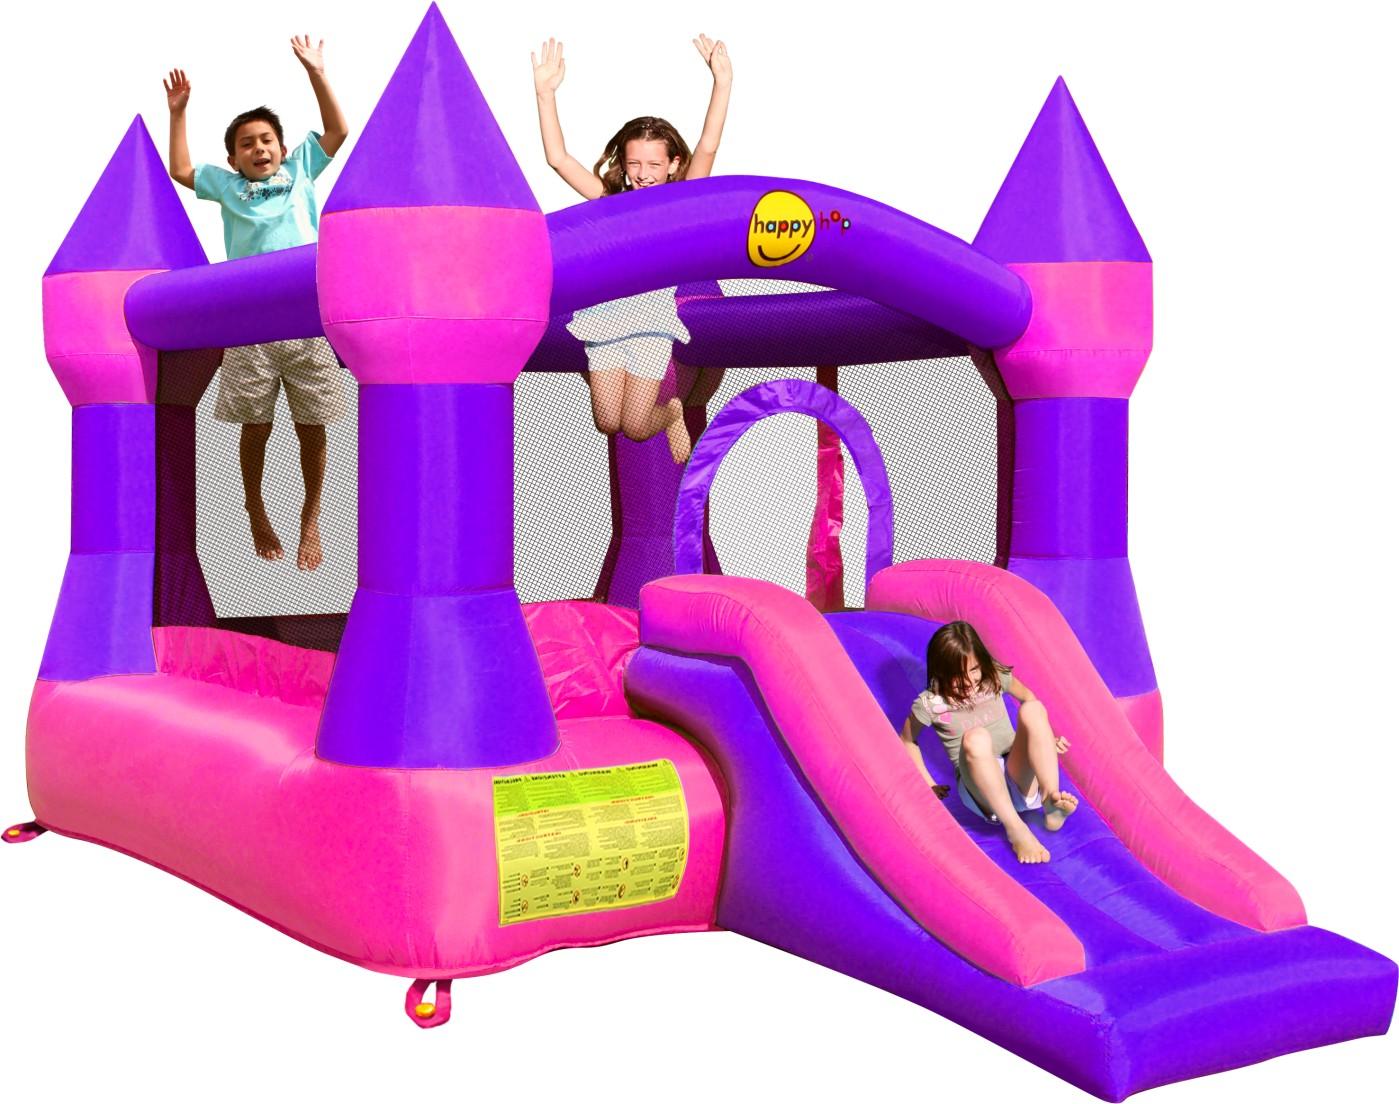 skákací hrad - fialový zámek se skluzavkou 9,67 m2